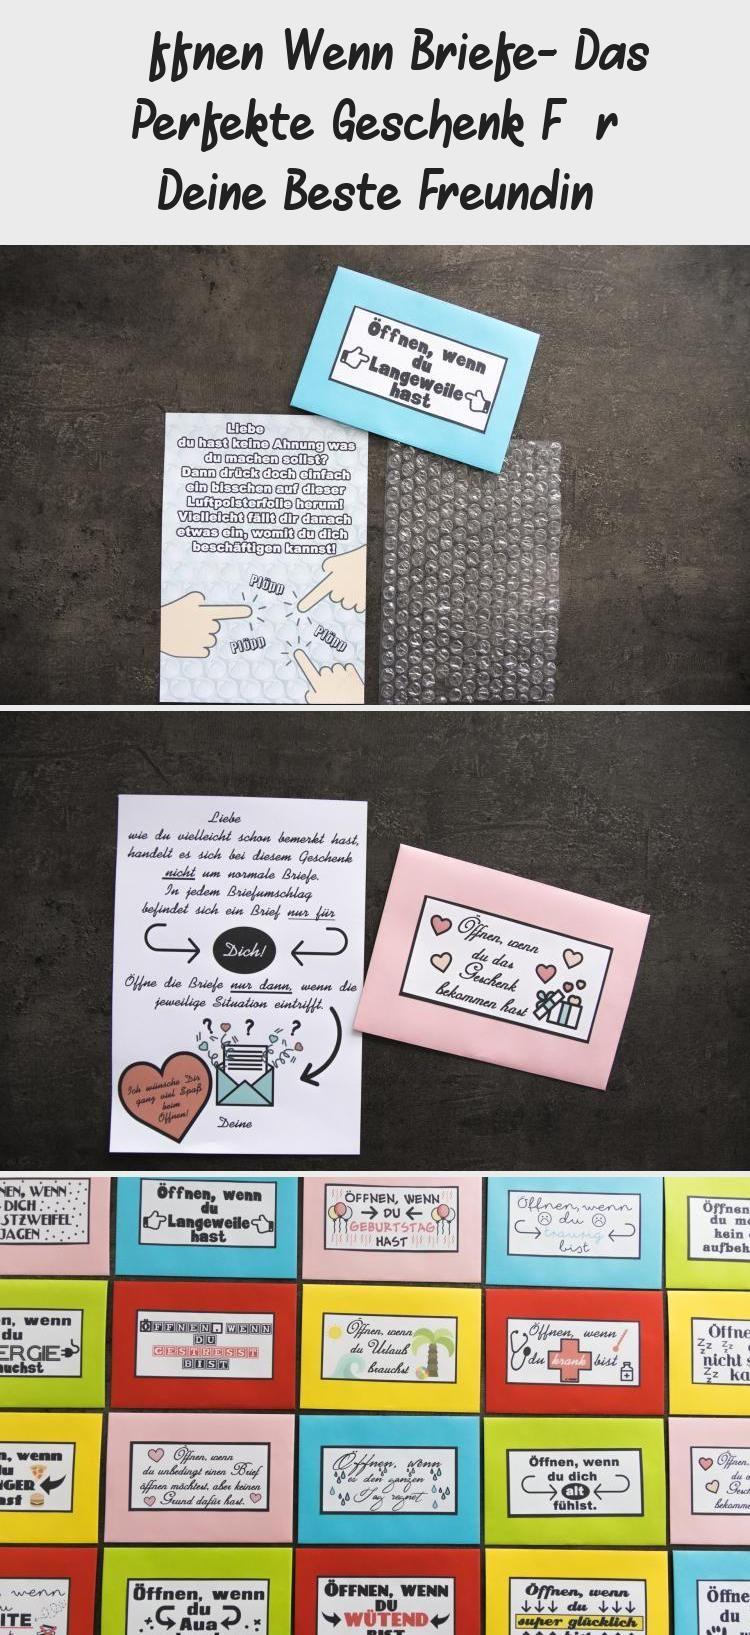 Öffnen Wenn Briefe- Das Perfekte Geschenk Für Deine Beste Freundin #kinogutscheinbasteln